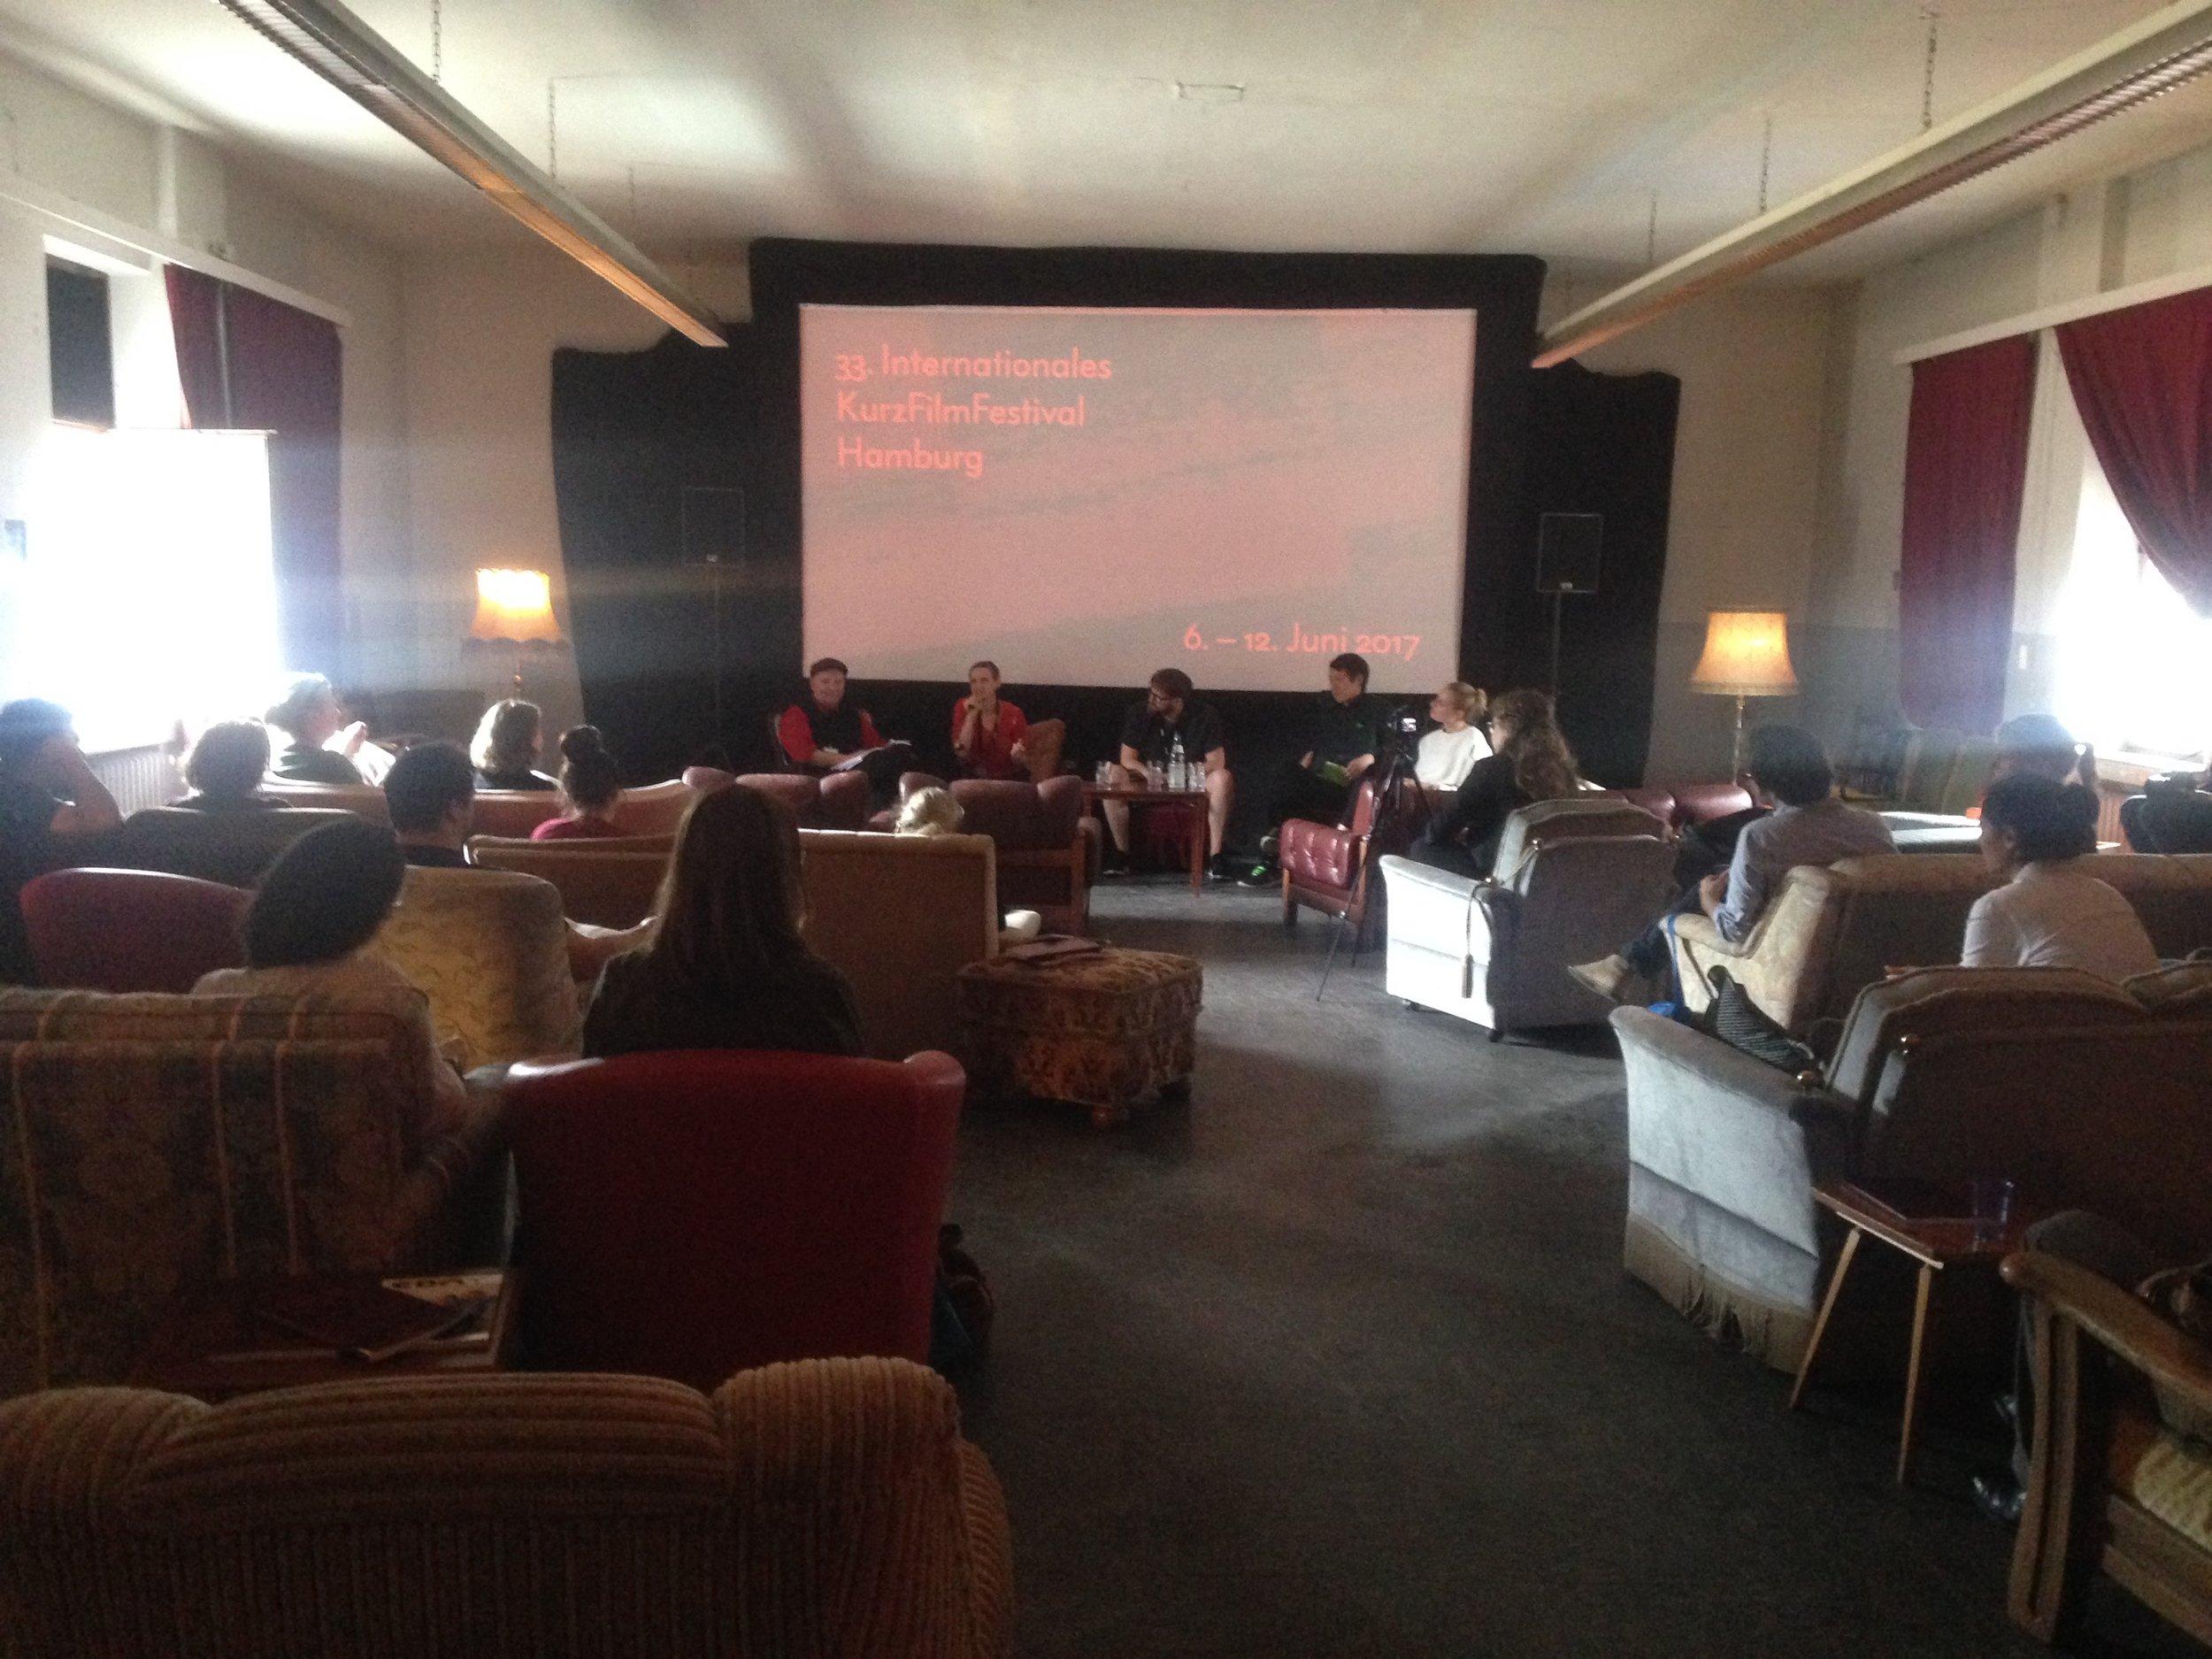 Круглий стіл в рамках кінофестивалю у Гамбурзі